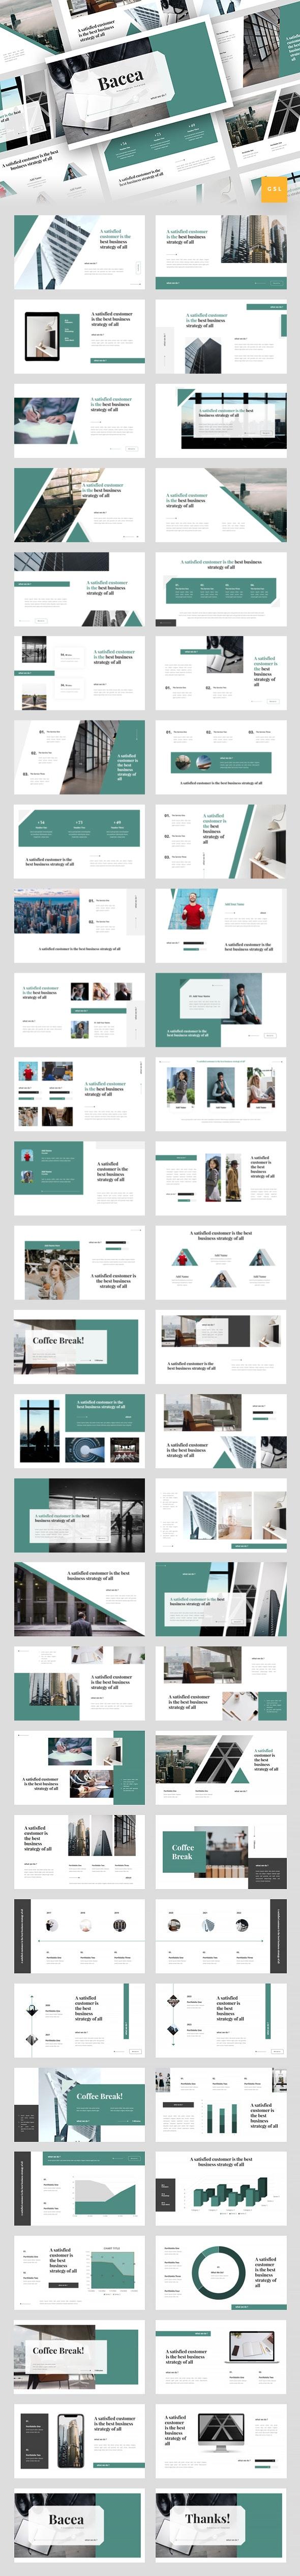 Bacea - Business Google Slides Template - Google Slides Presentation Templates